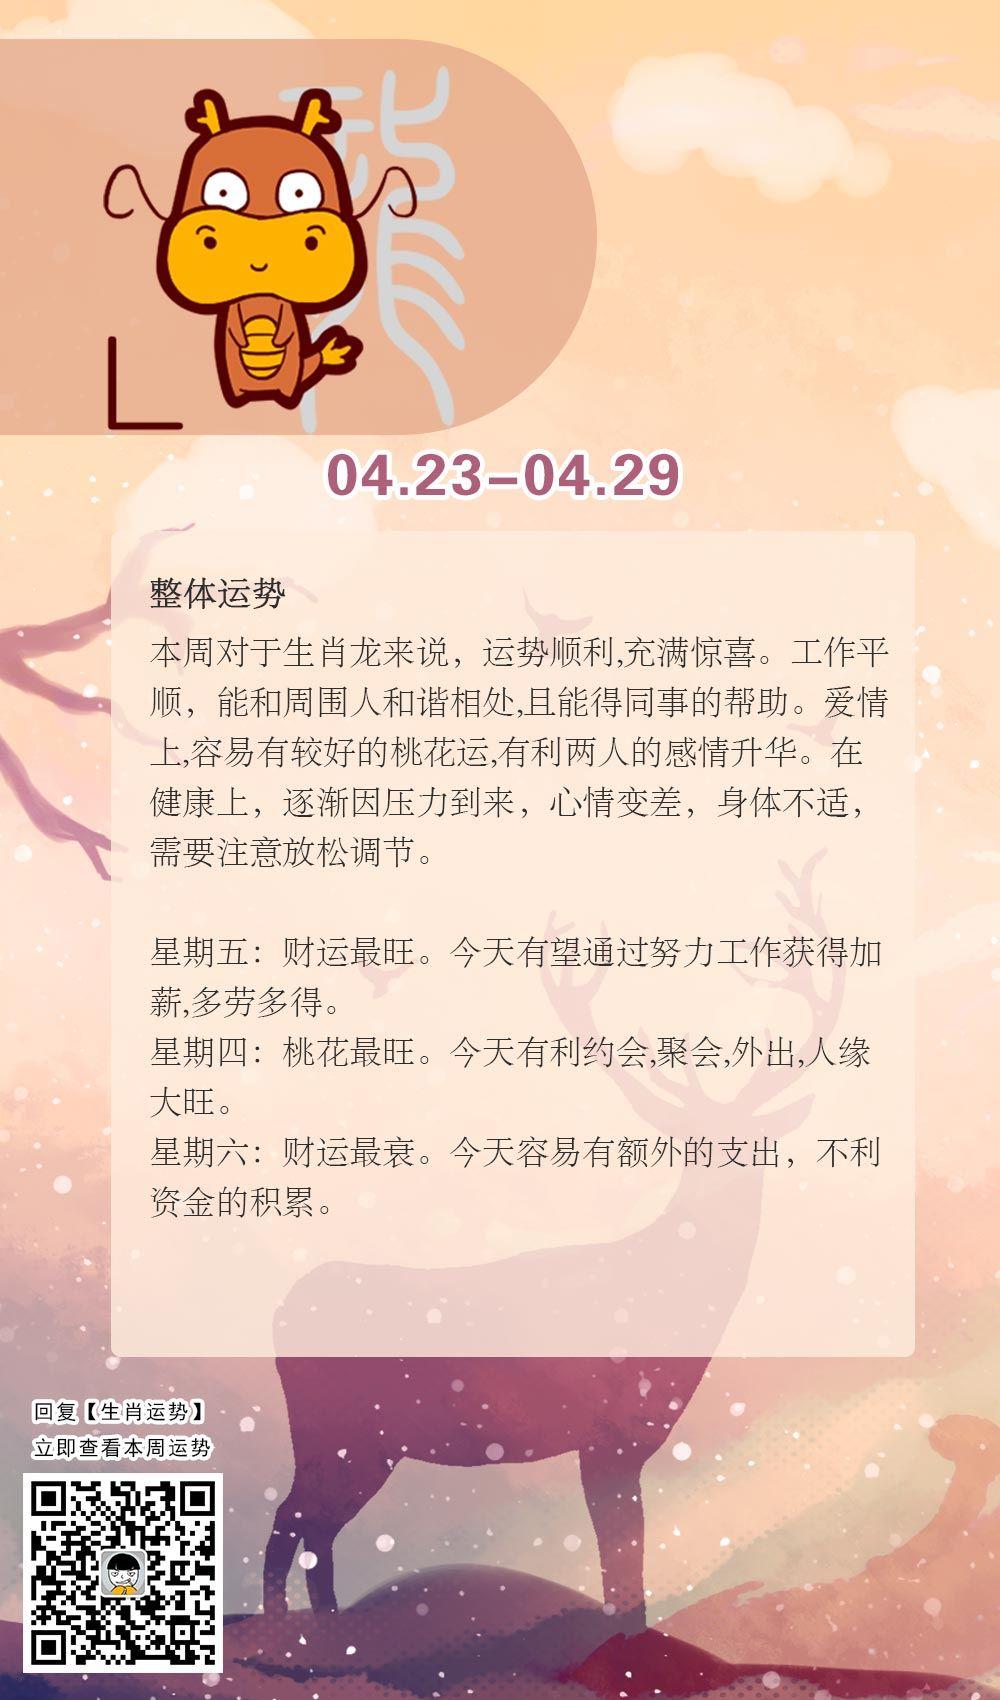 生肖龙本周运势【2018.04.23-04.29】